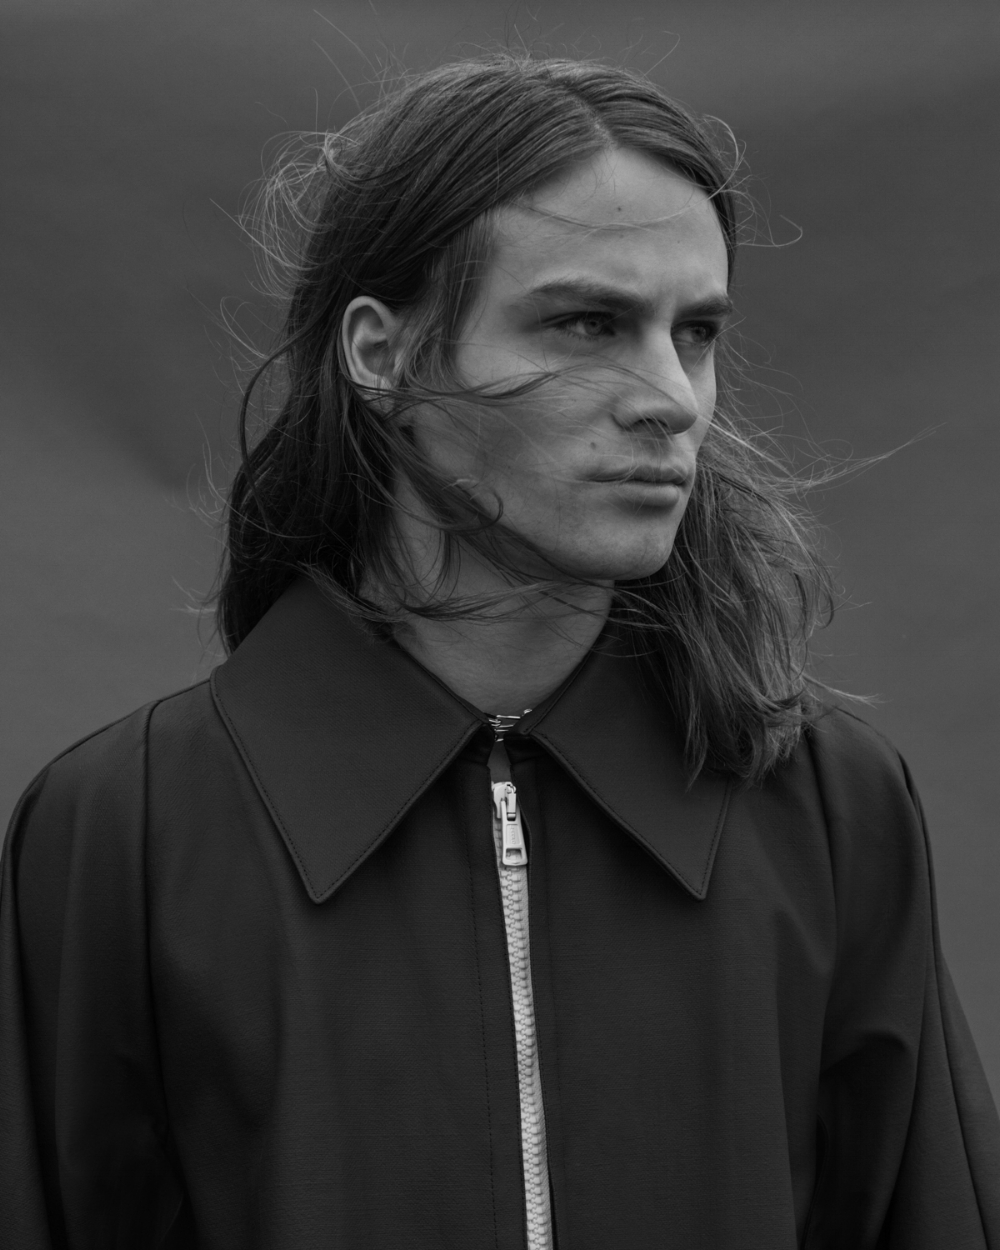 Coat: Acne